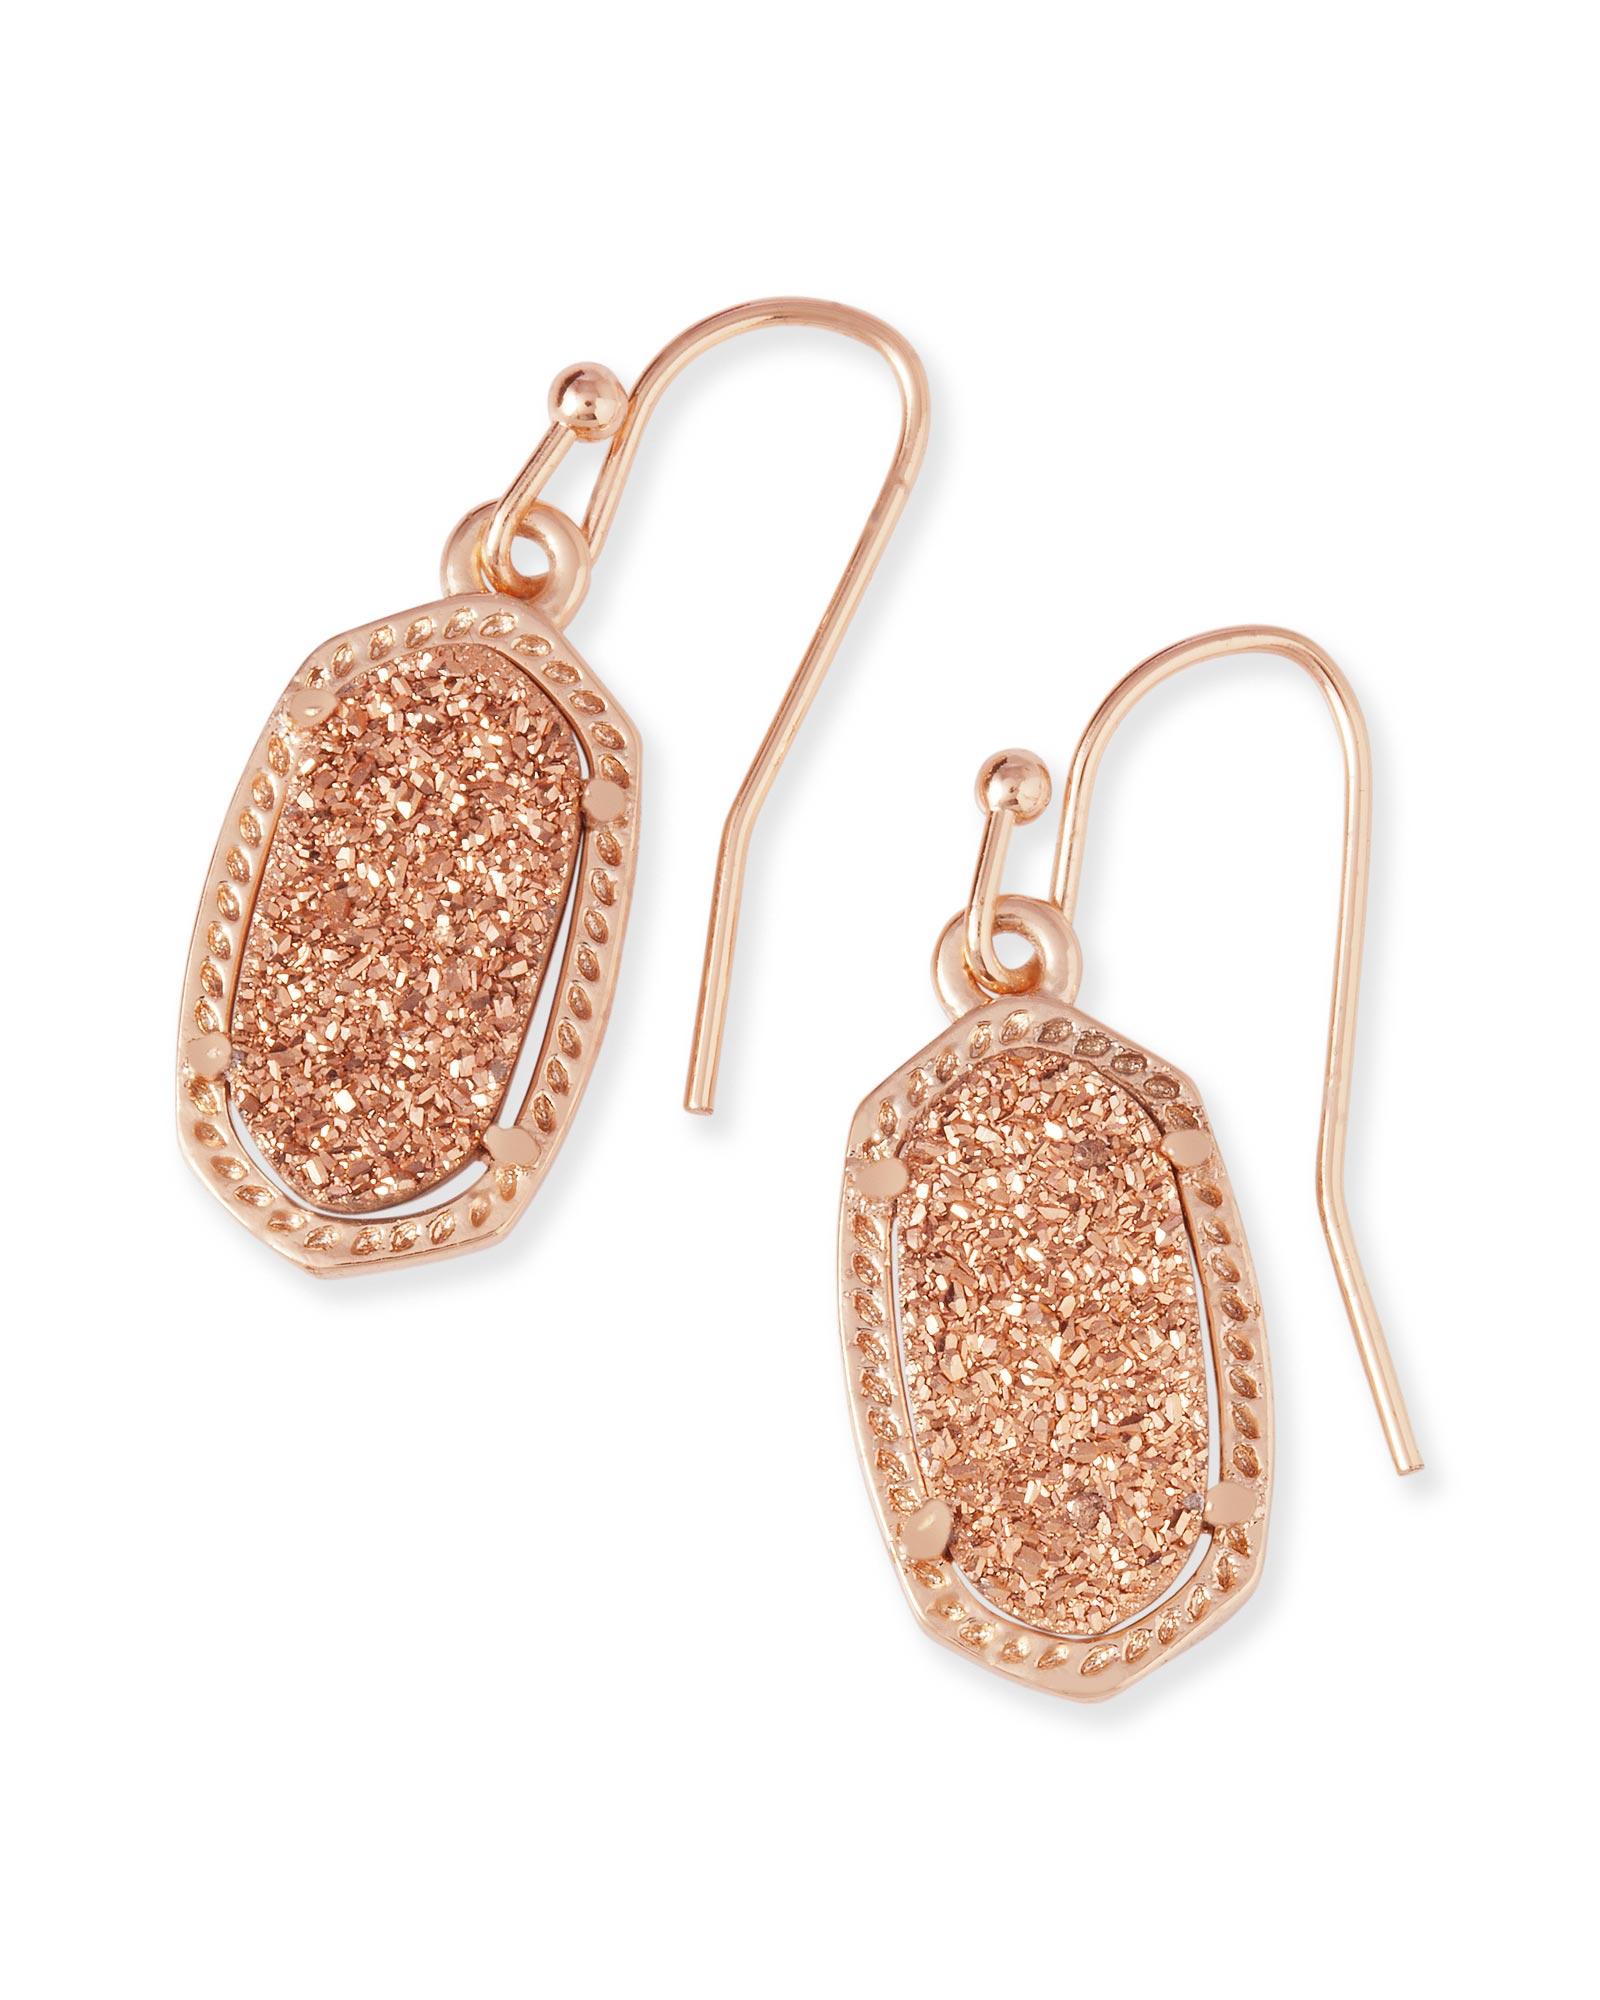 Lee rose gold drop earrings in drusy kendra scott for Kendra scott fine jewelry